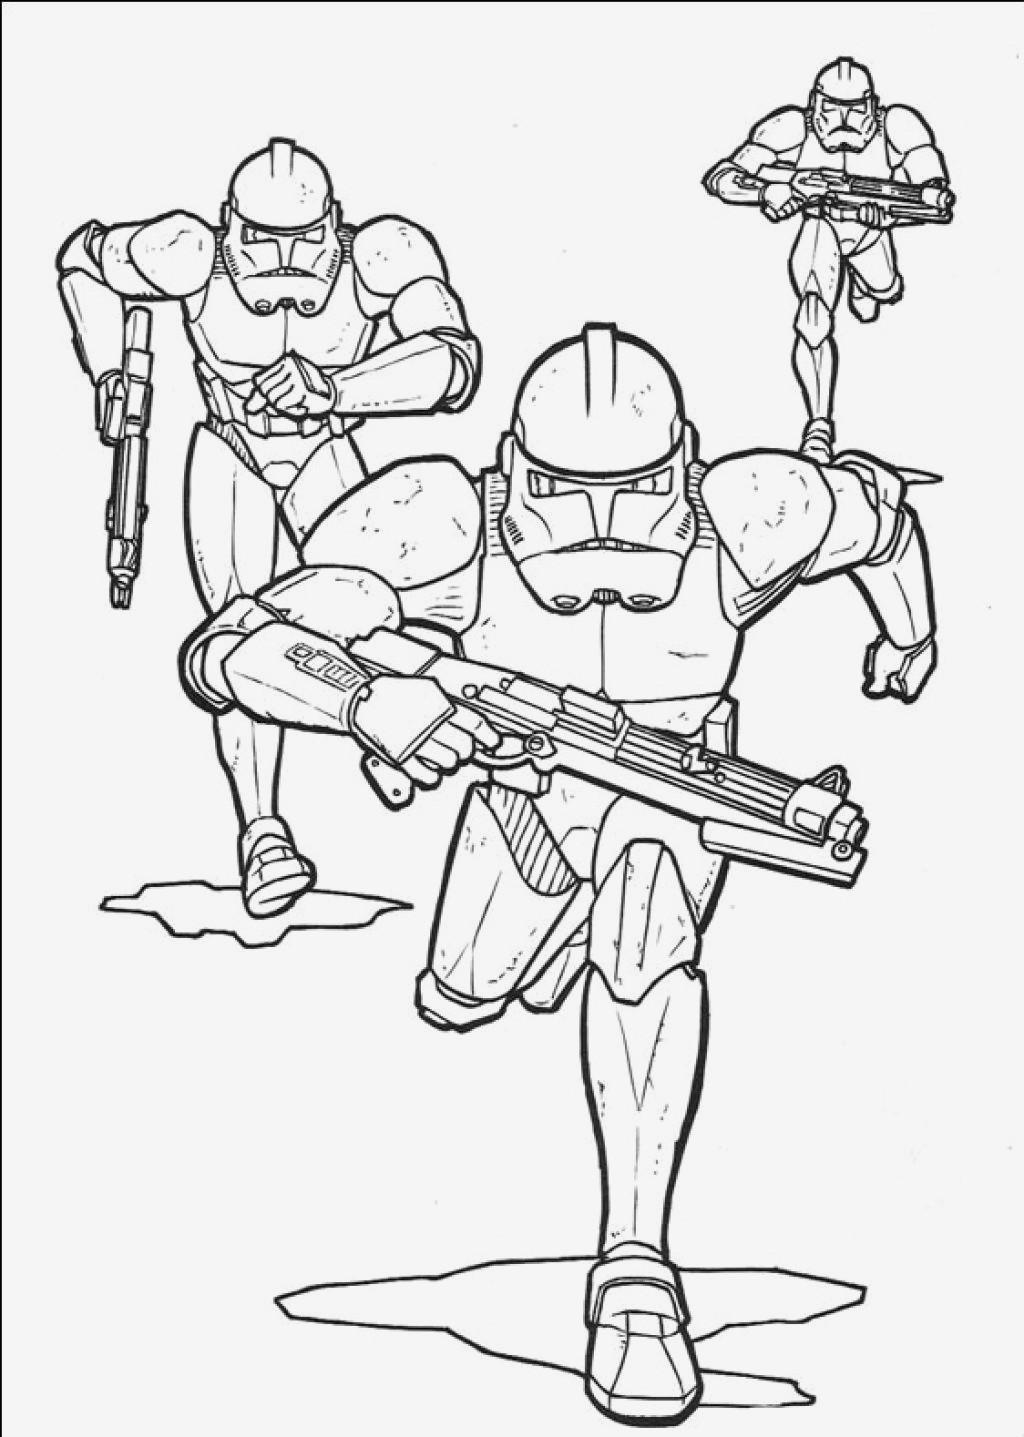 Ausmalbilder Star Wars the Clone Wars Neu Malvorlagen Star Wars Kostenlos Bilder Zum Ausmalen Bekommen Drawn Fotografieren